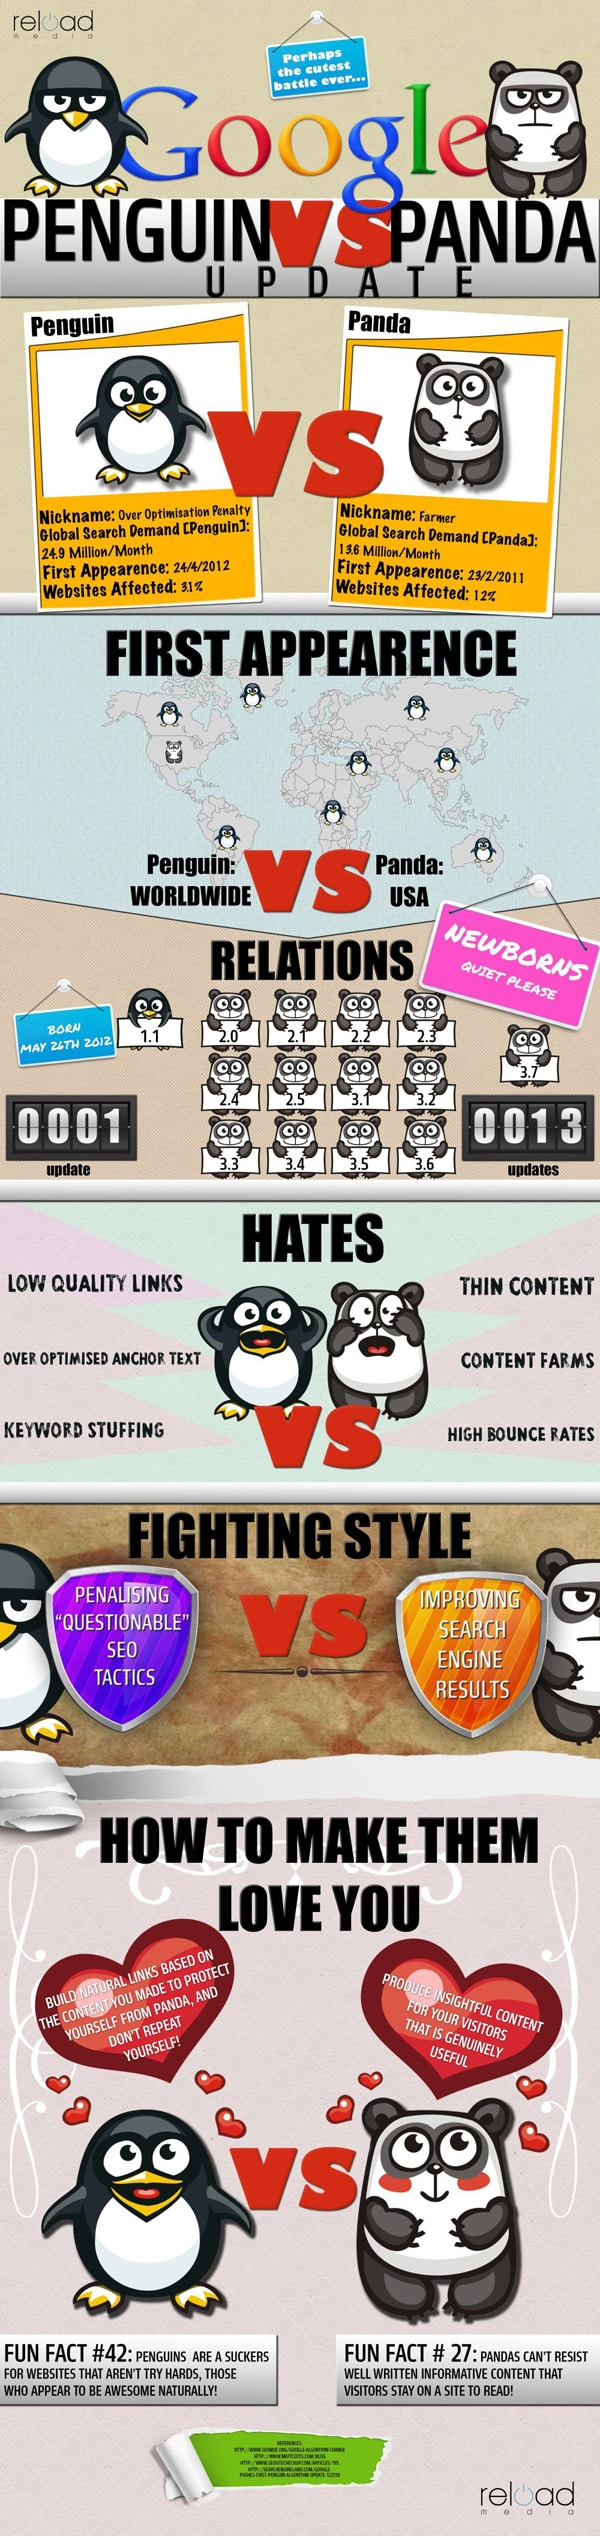 Une infographie pour différencier Panda et Penguin